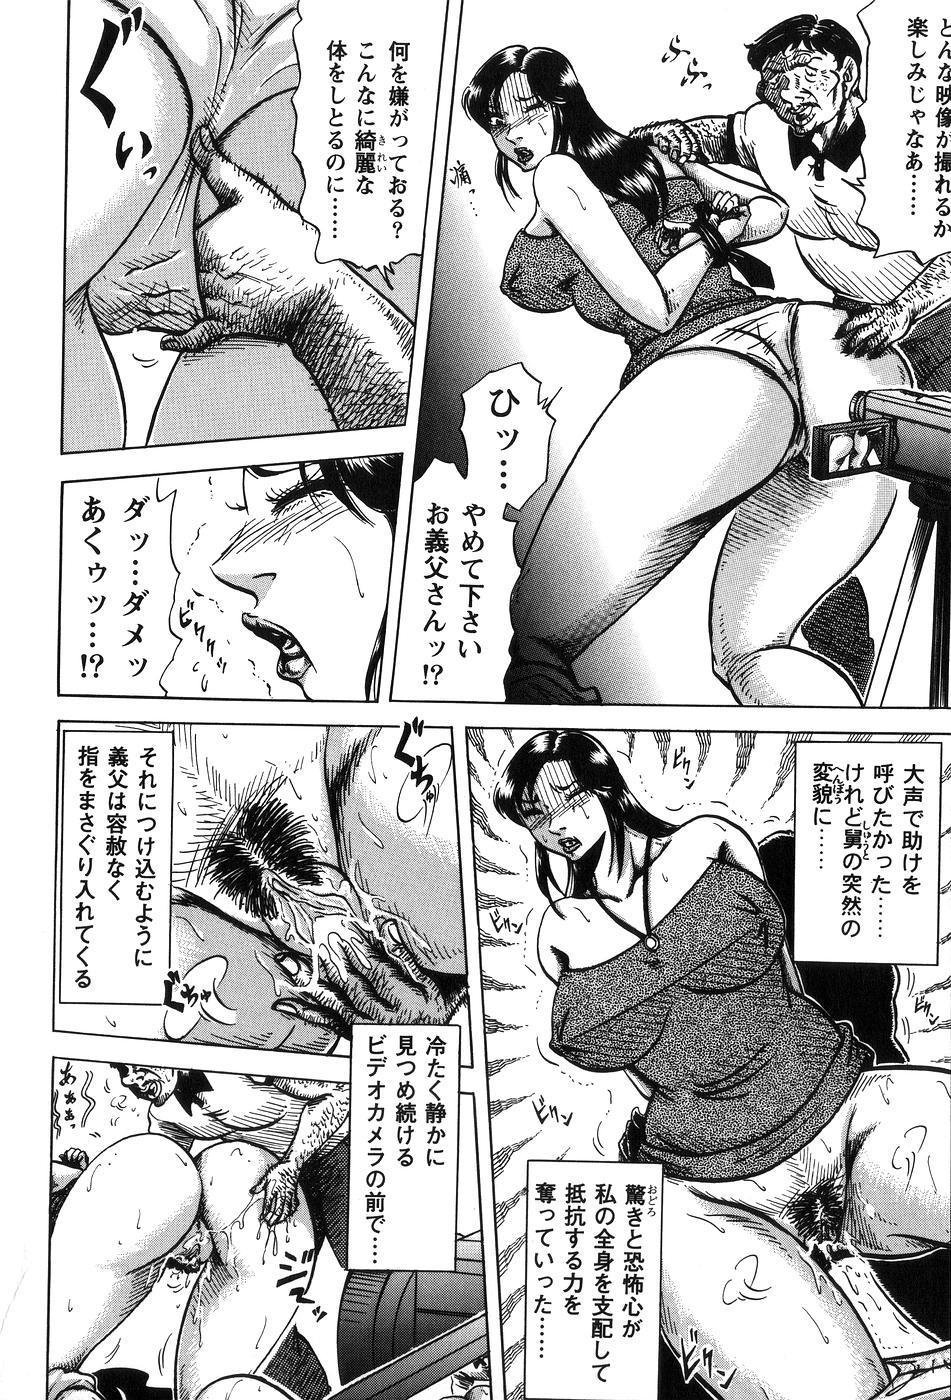 Jukubo Soukan Yosoji no Tawamure 59